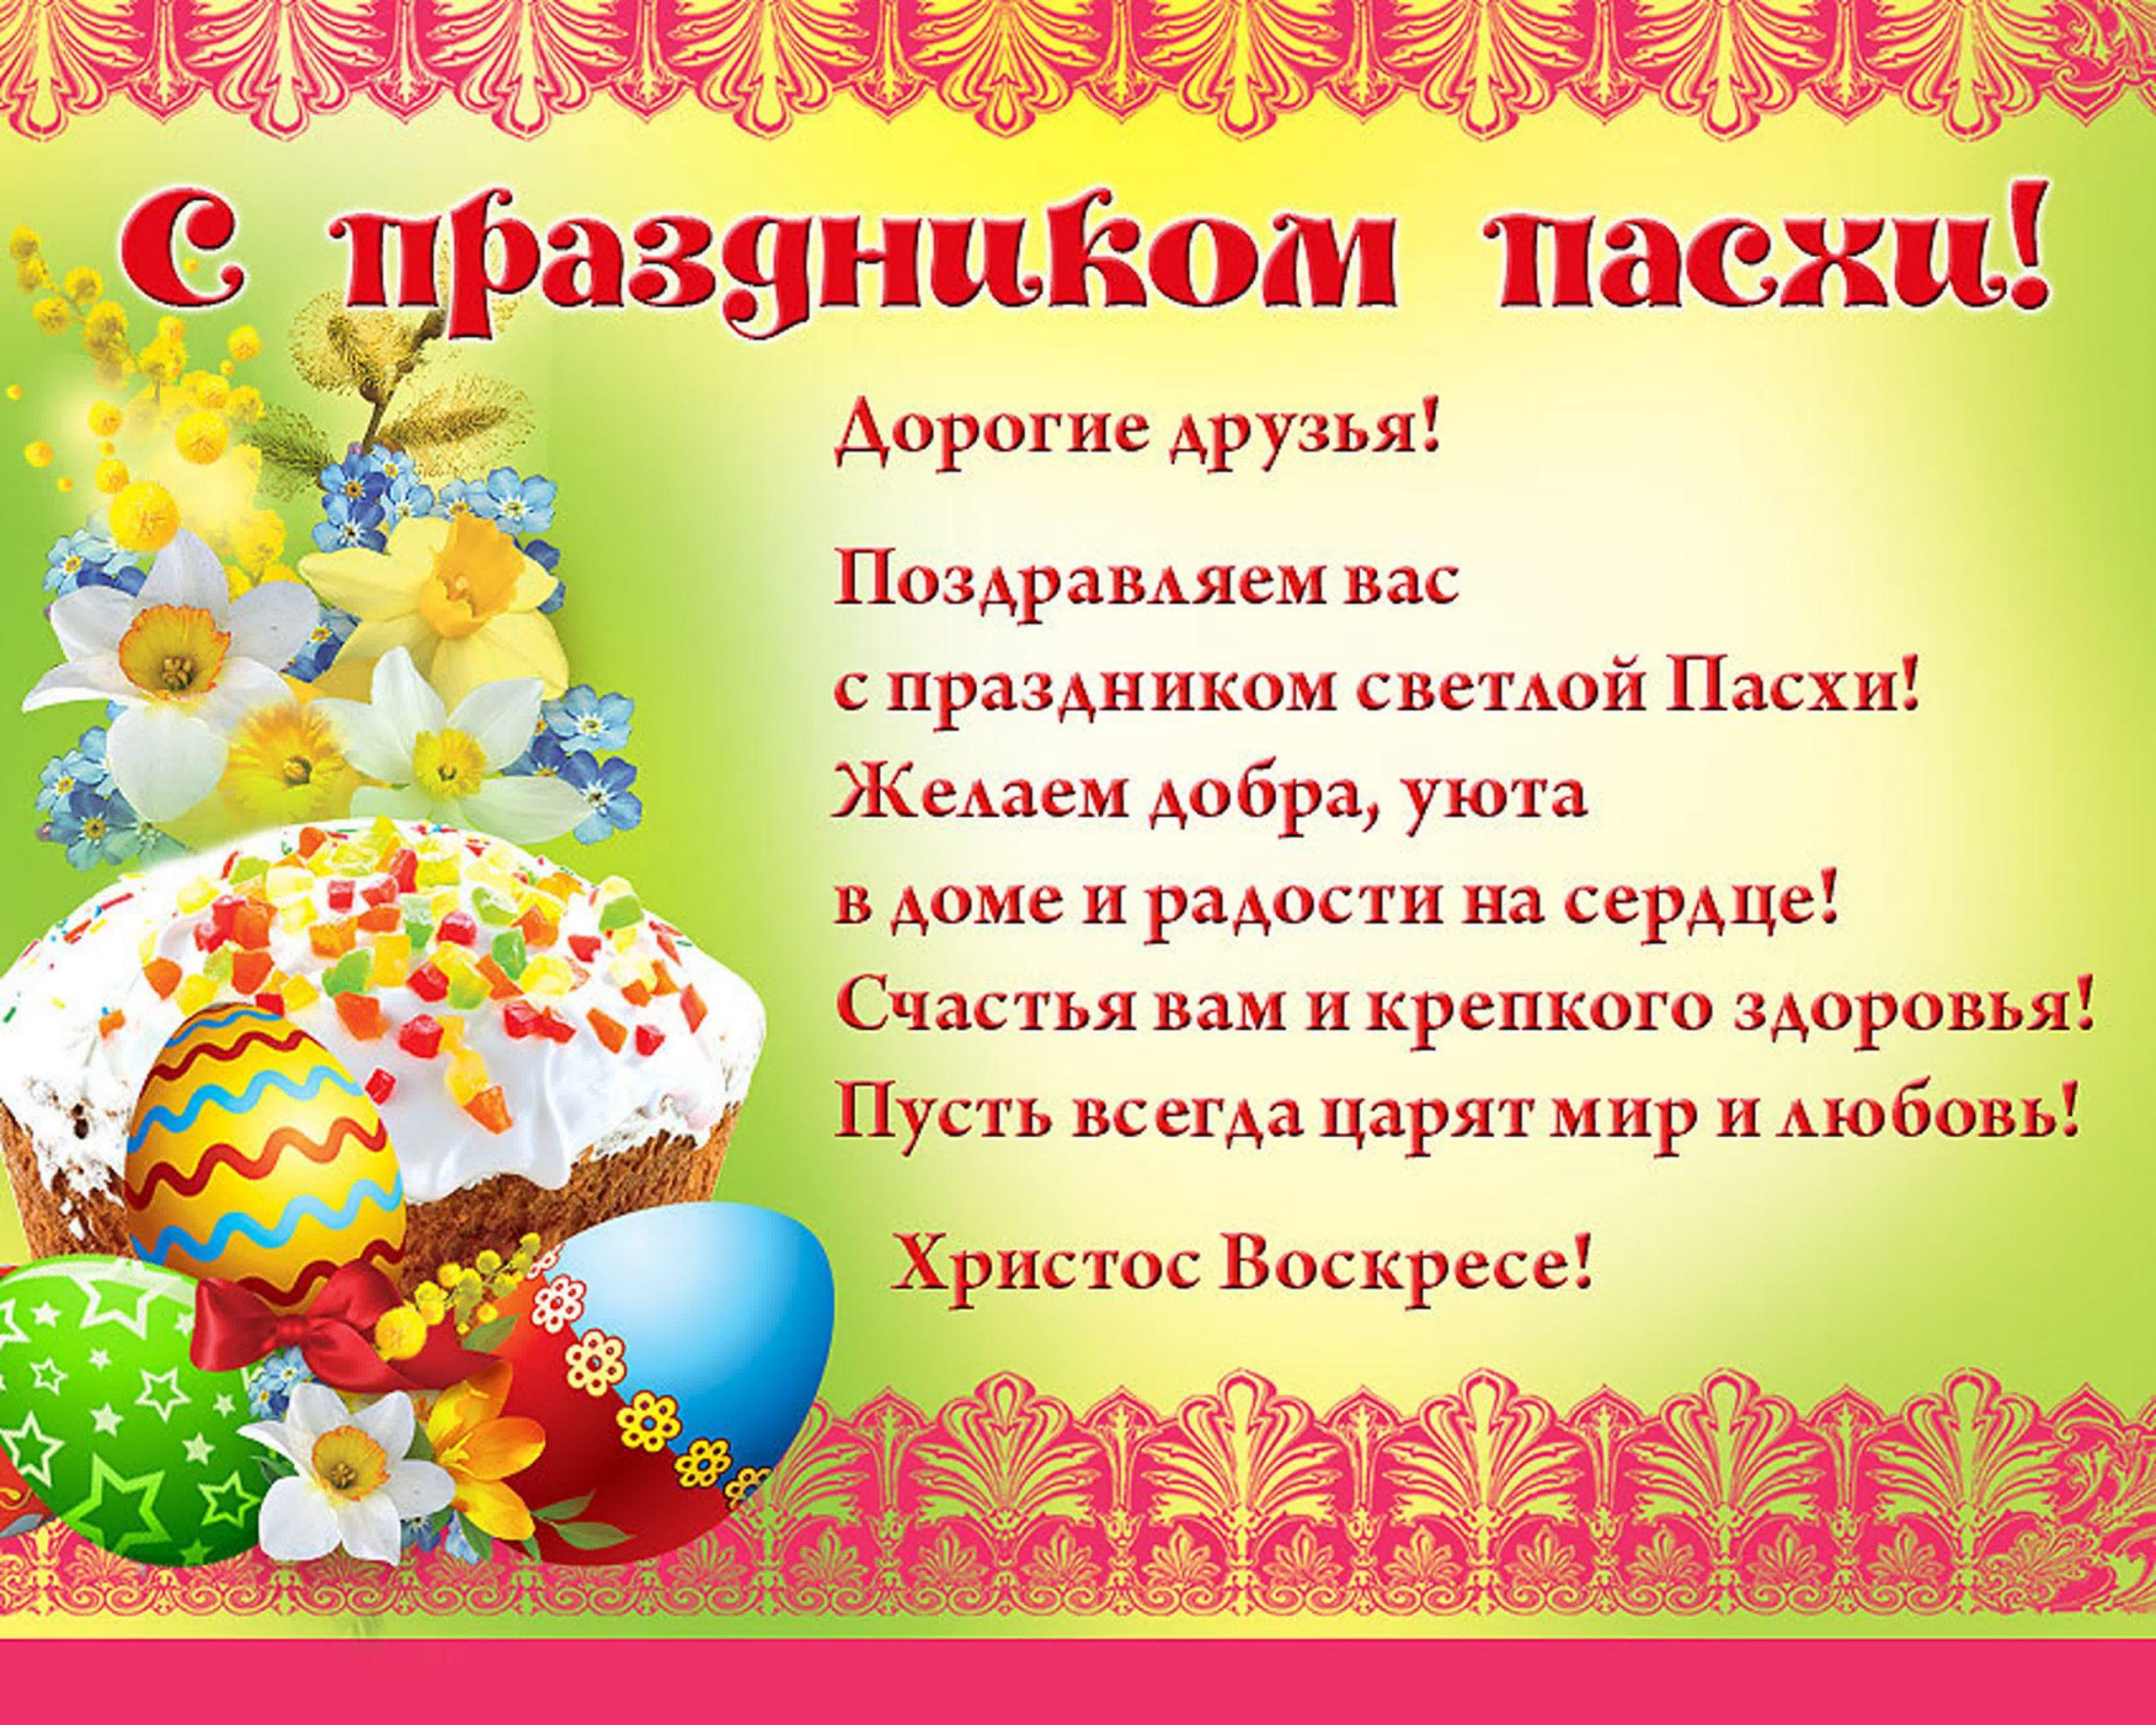 Красивые открытки на Пасху с поздравлениями